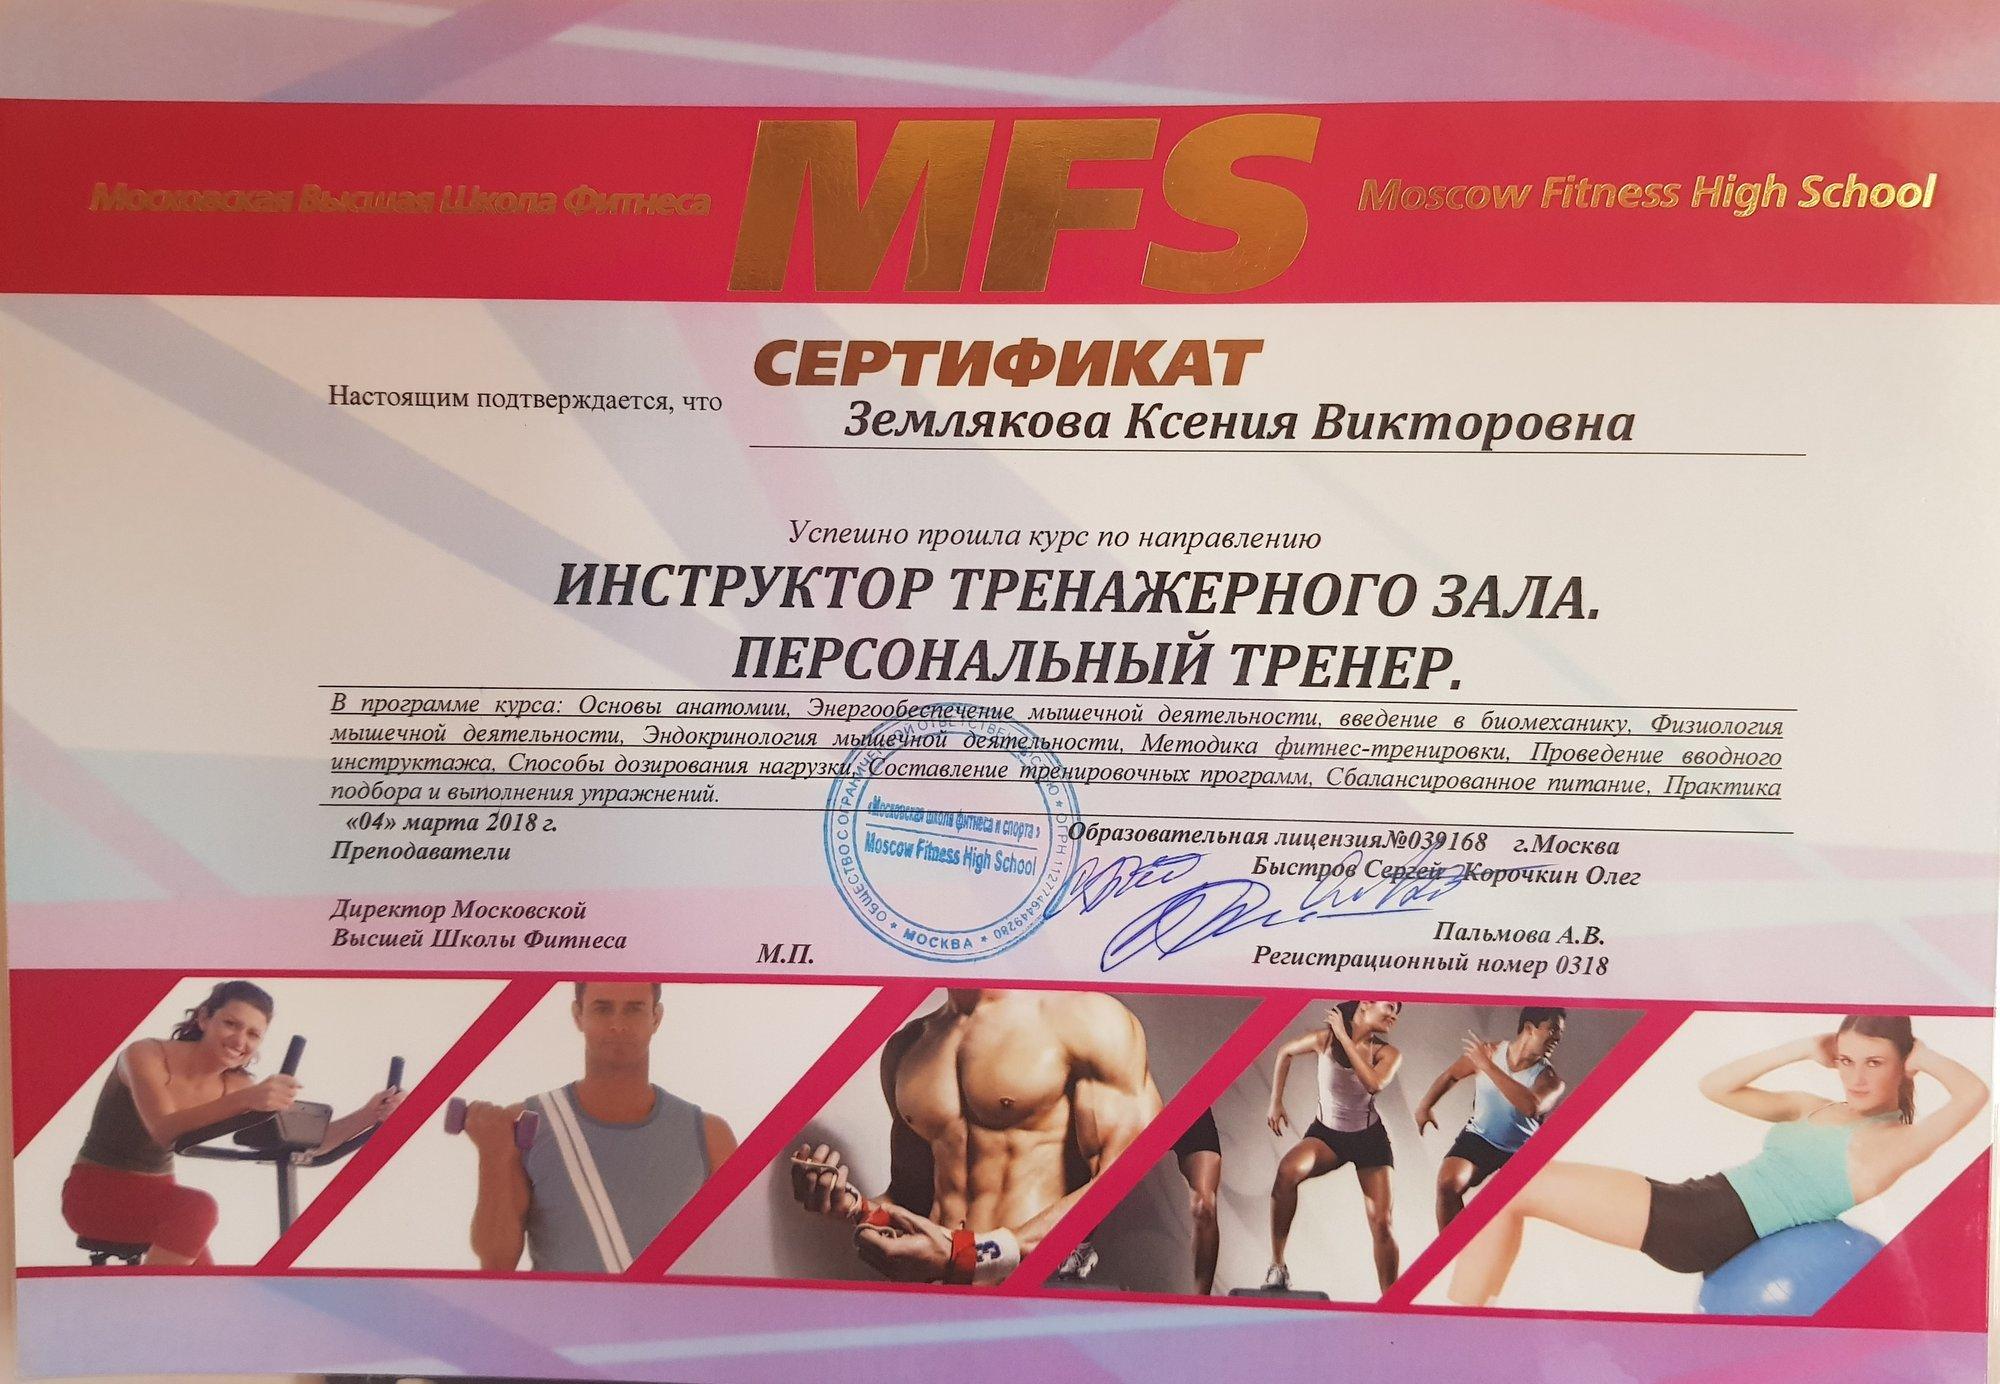 обширные исследования, картинки сертификатов по бодибилдингу региональном парламенте